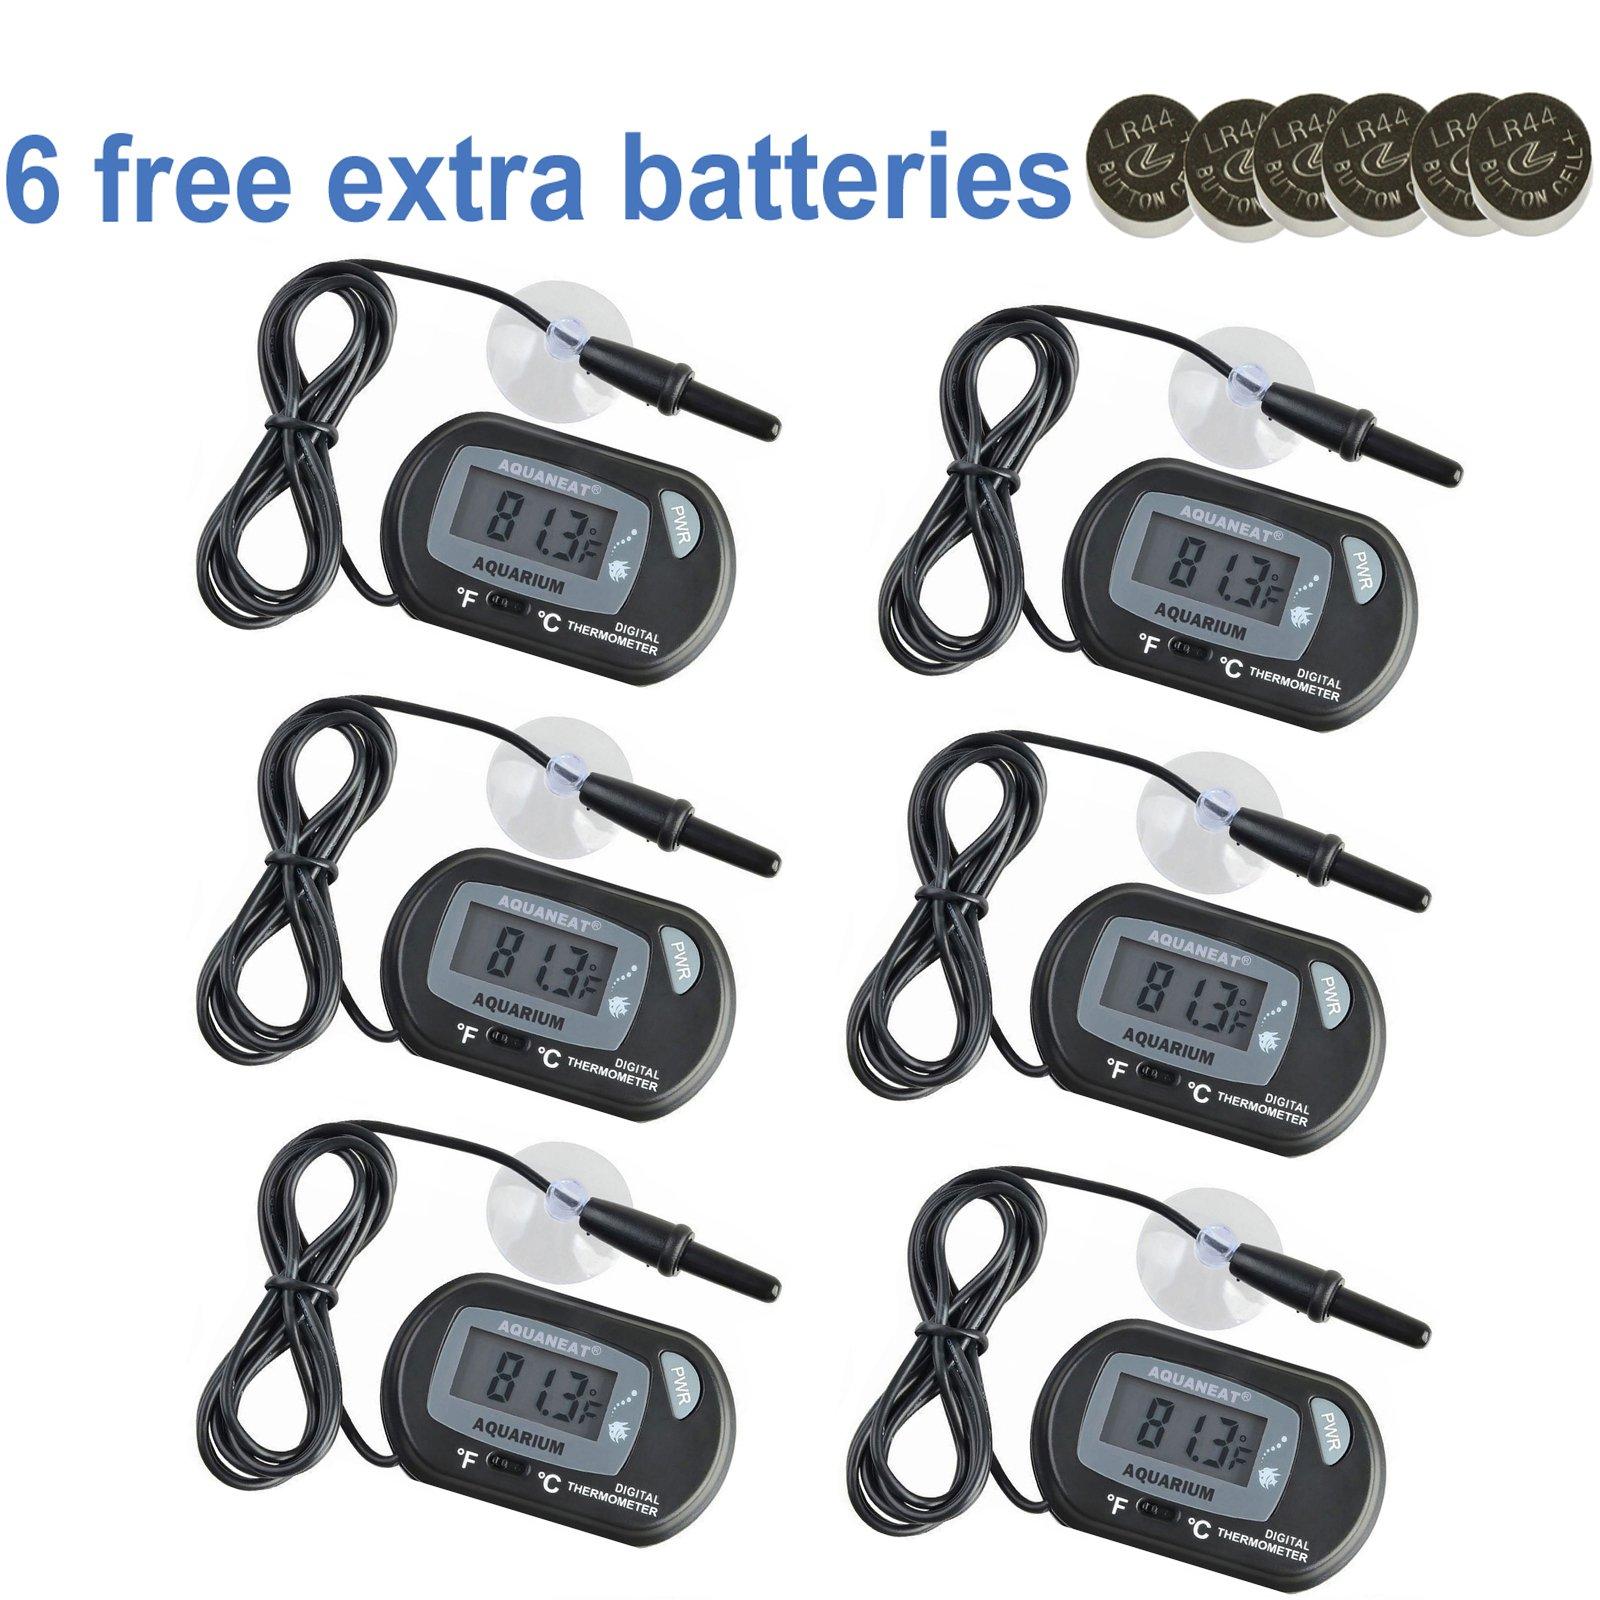 Aquaneat Aquarium Digital Thermometer Fish Tank Water Terrarium Reptile Free Extra Batteries (6 Pack)